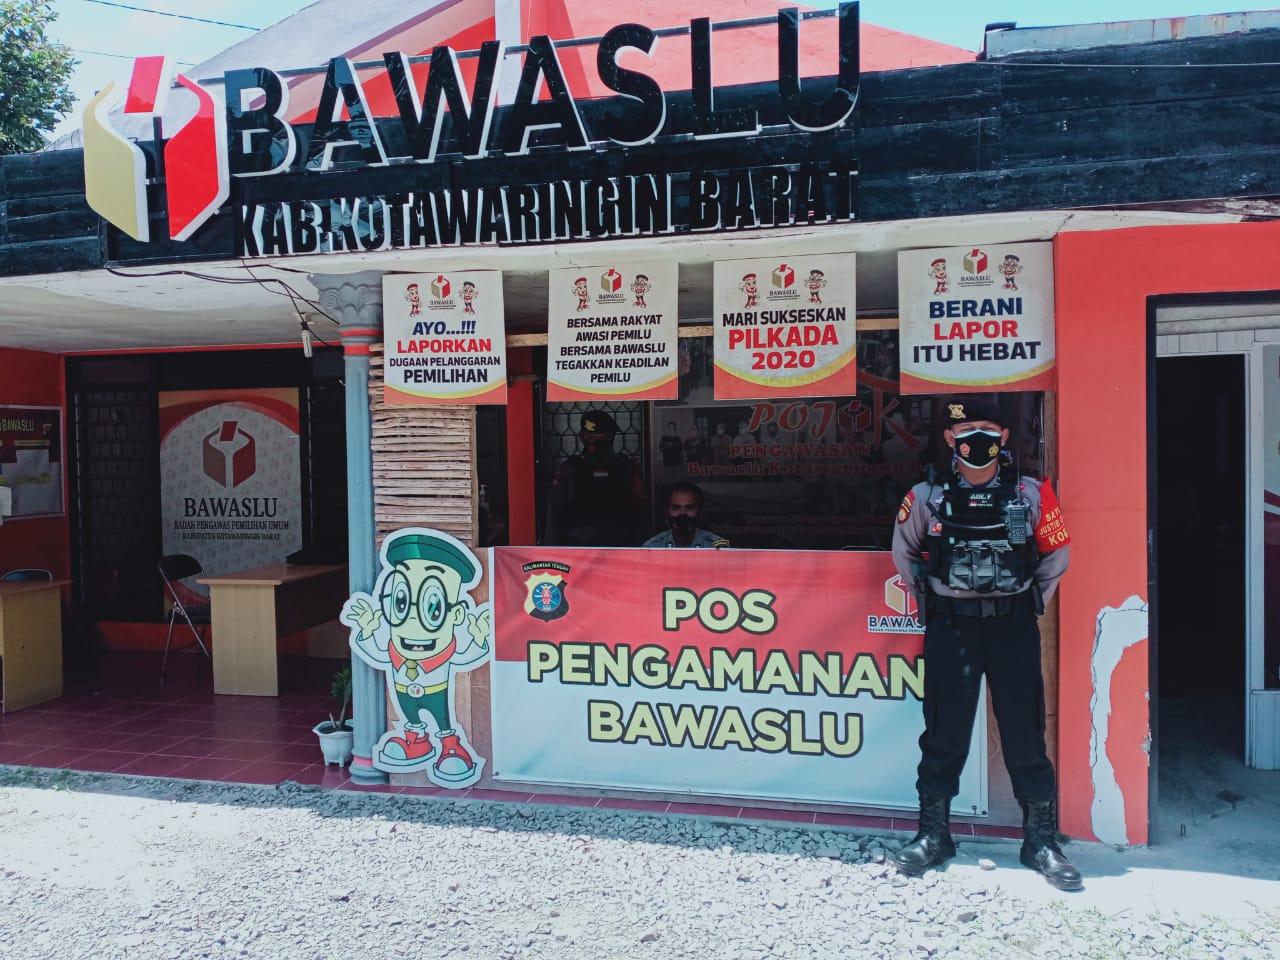 Patroli Team Rajawali Sampaikan Himbauan Kepada Anggota Yang Jaga di kantor Bawaslu